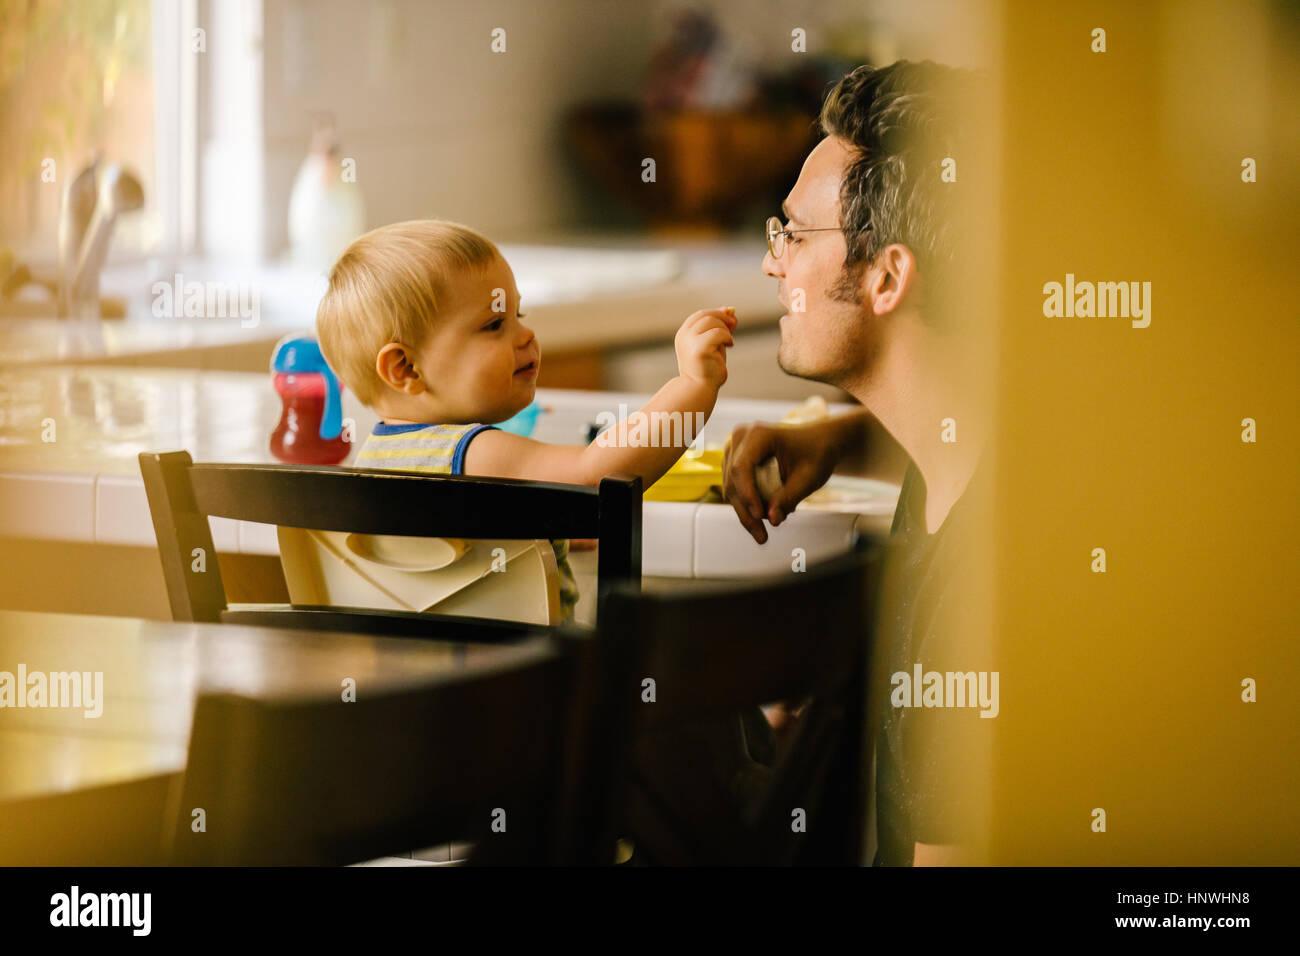 Père Fils d'aider les jeunes à l'heure des repas Photo Stock